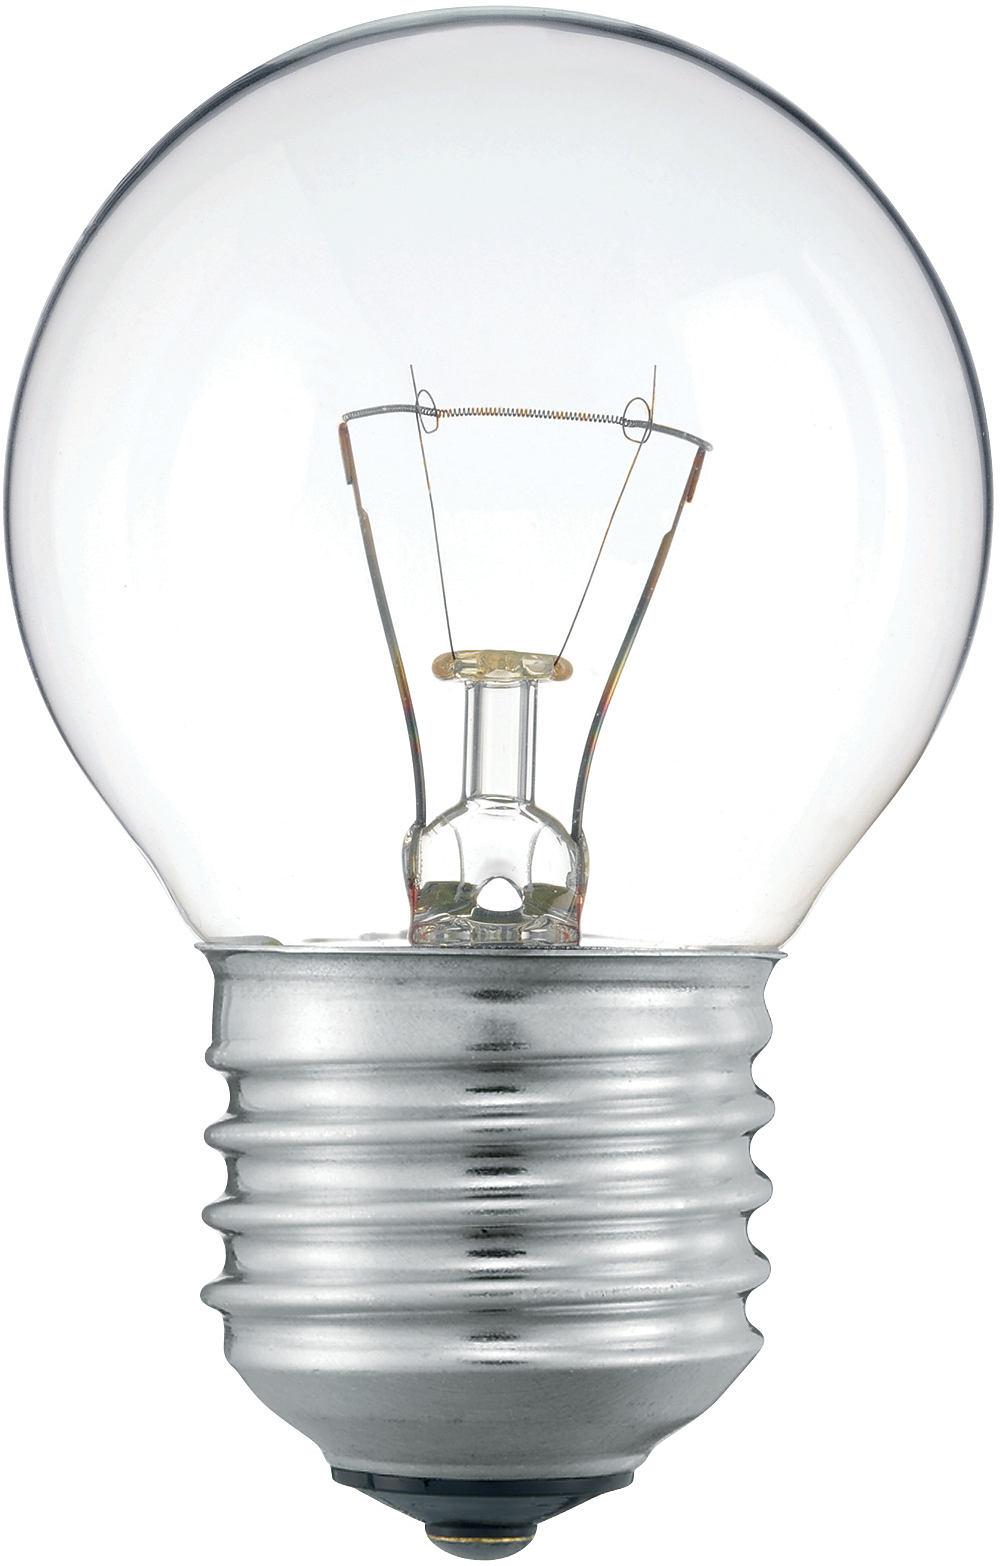 Лампа капля прозрачная 60 W Е27